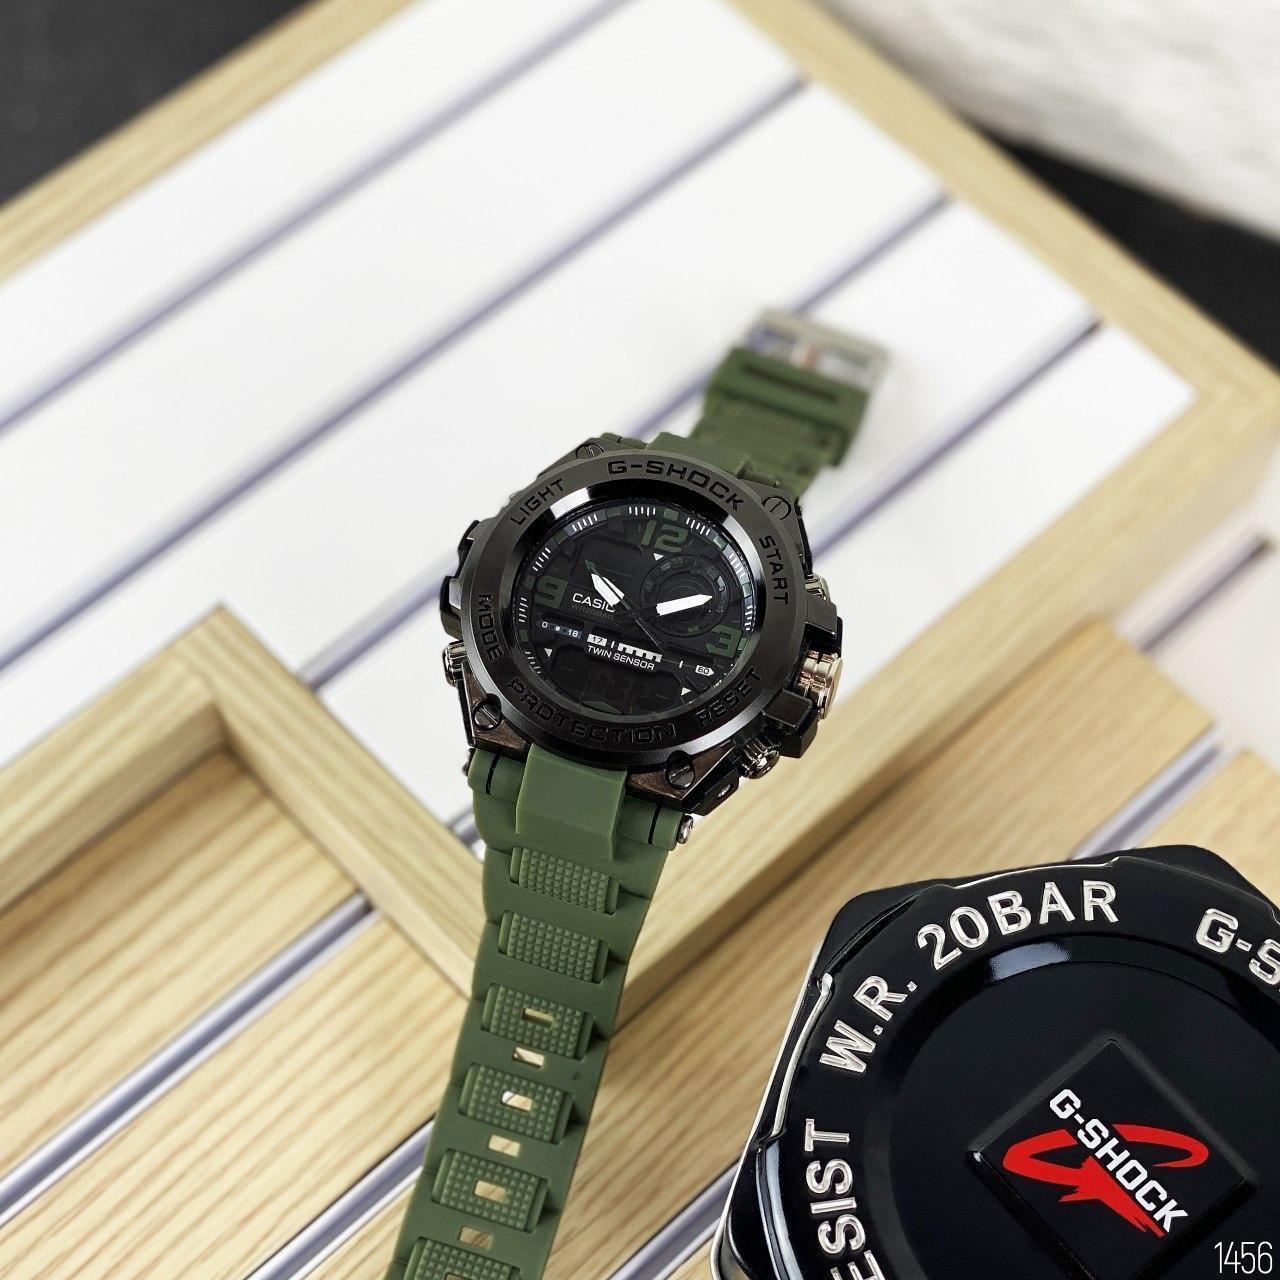 Наручні чоловічі водостійкі електронні годинник Casio G-Shock GLG-1000 кварцові спортивні годинники чорні